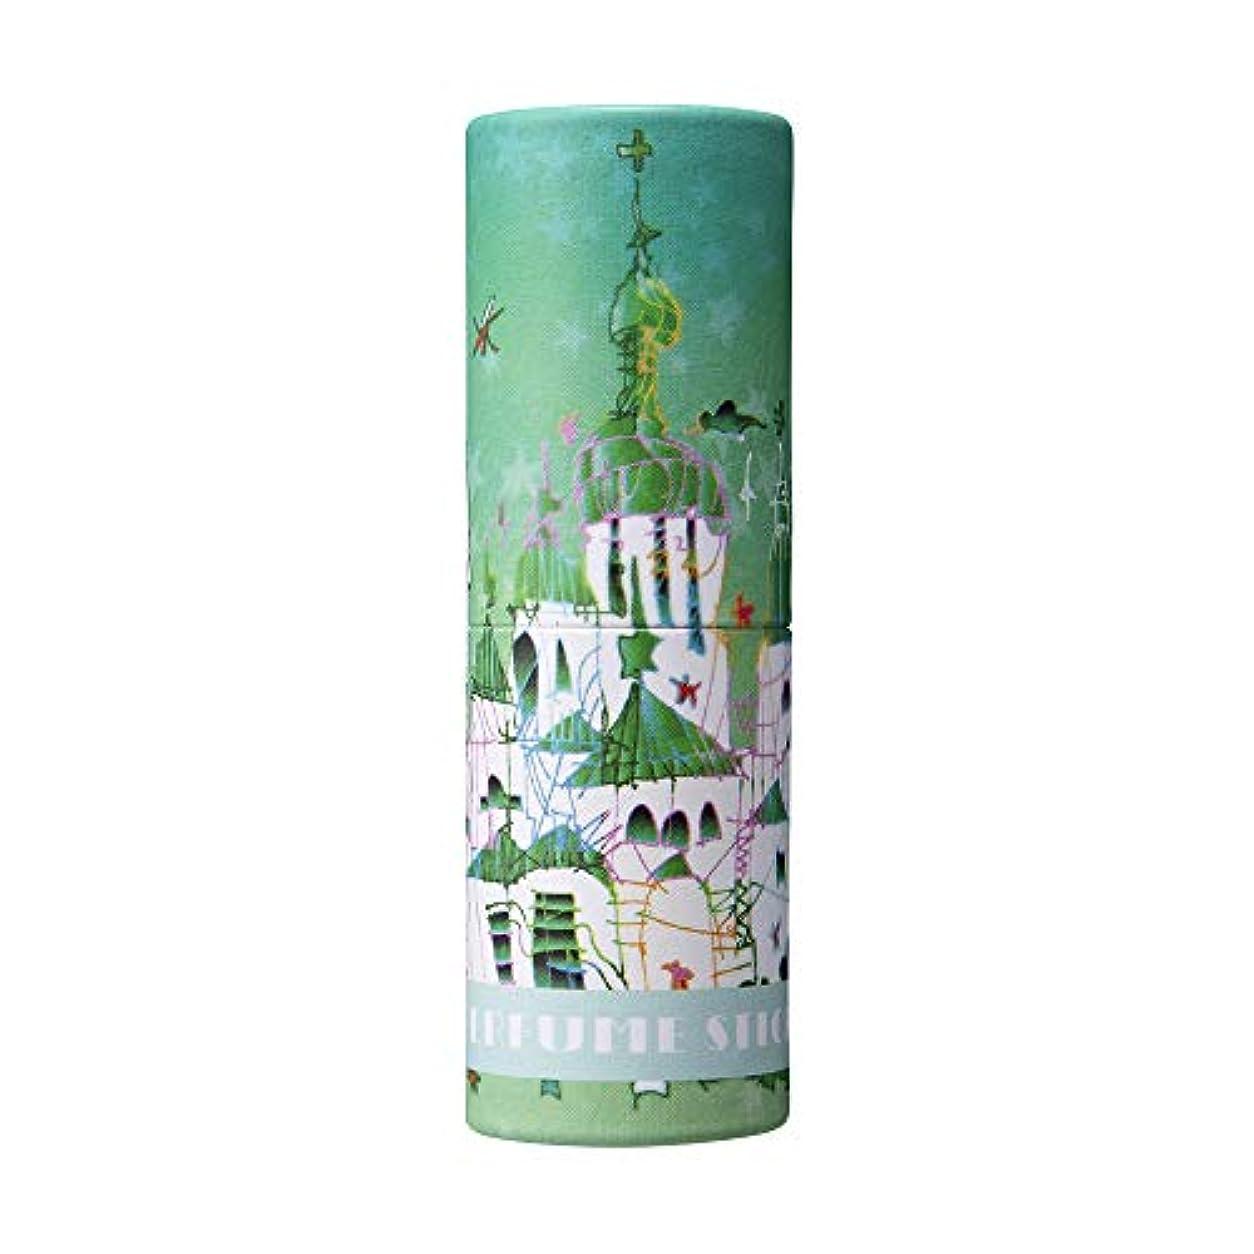 火山ダウン永続パフュームスティック サンクス グリーンアップル&ムスクの香り 世界遺産デザイン 5g